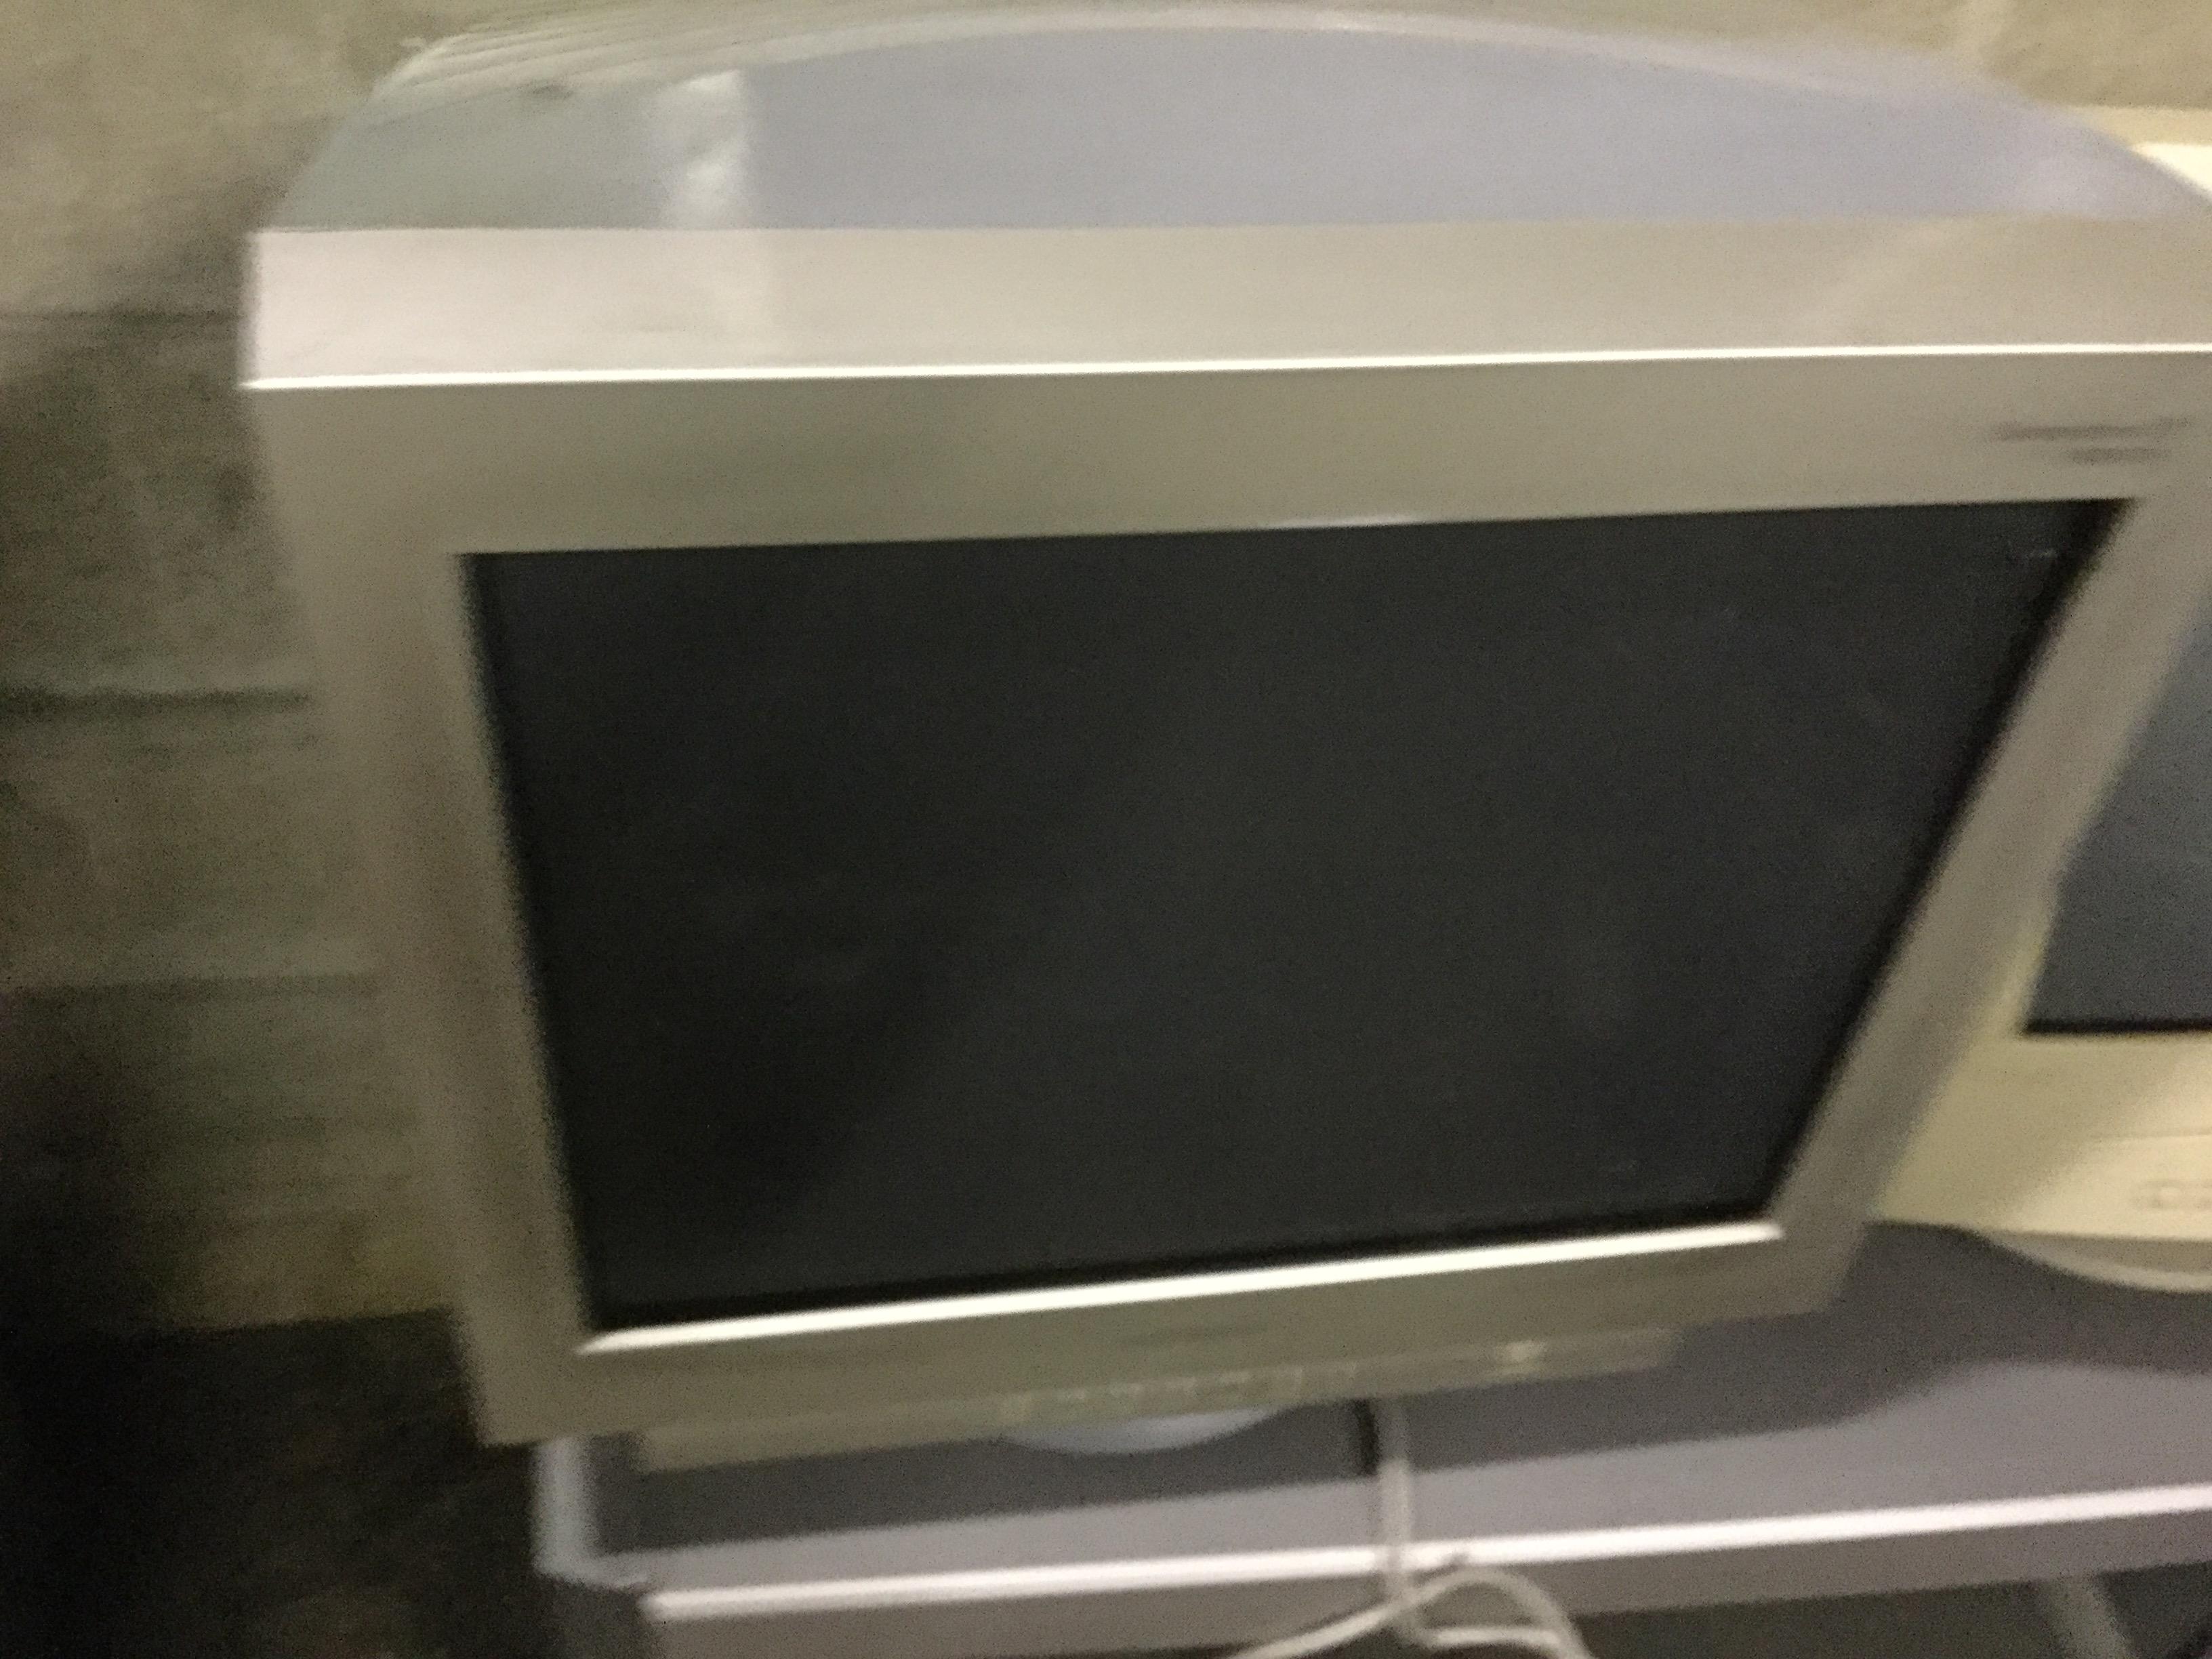 岡山市北区で不用品回収したブラウン管テレビ